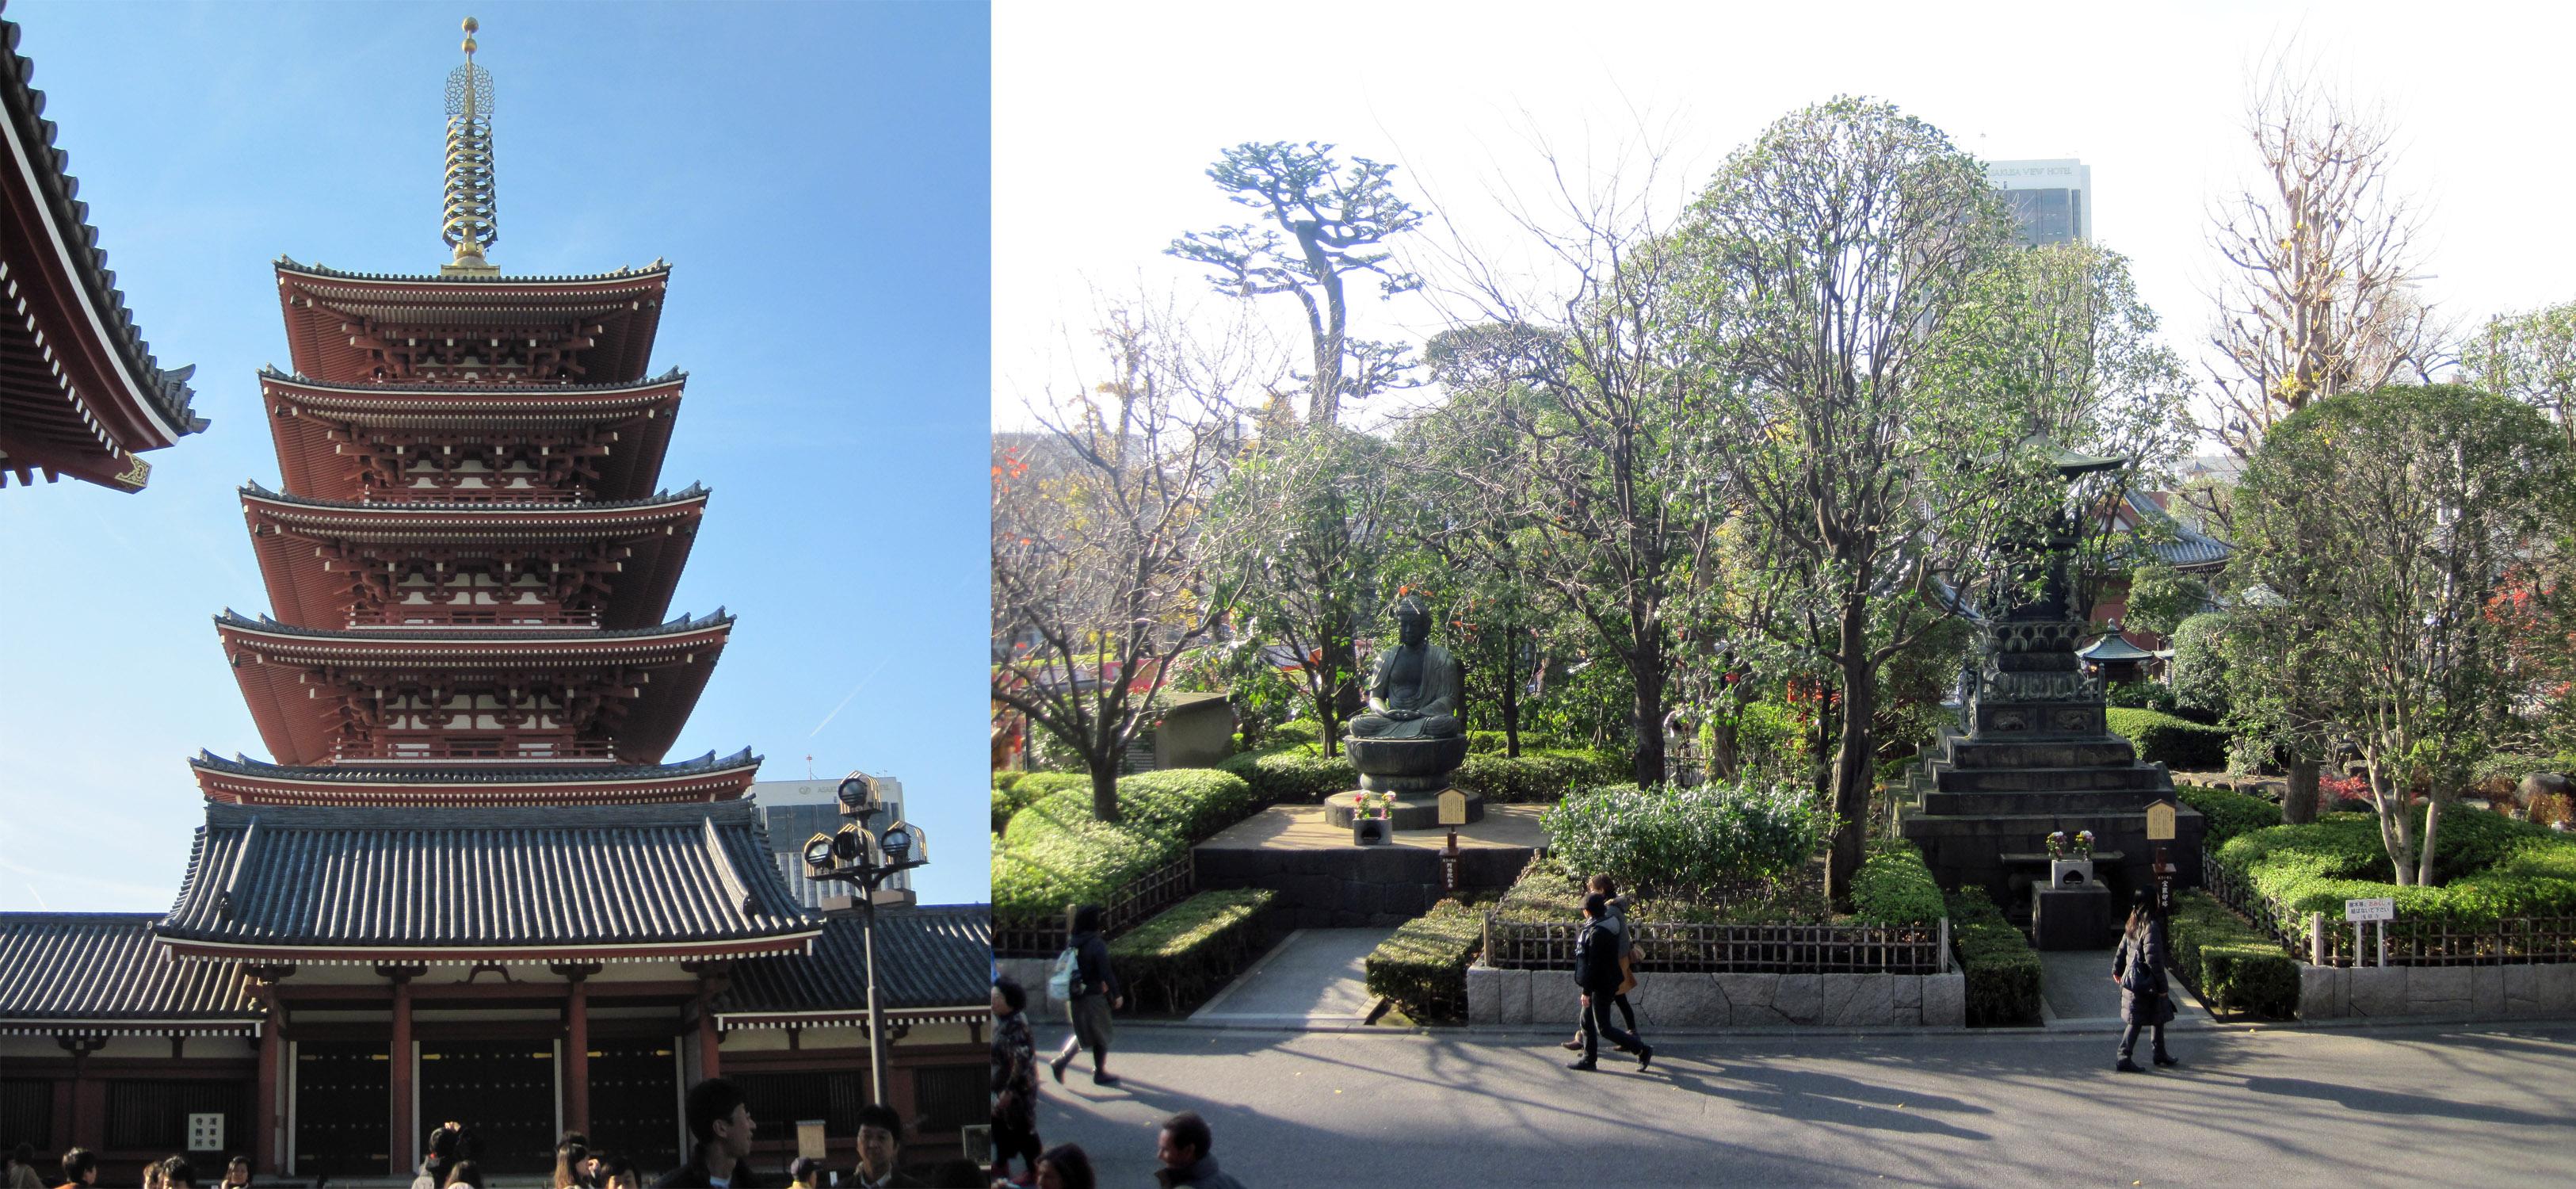 Pagoda y jardines del templo Senso-ji